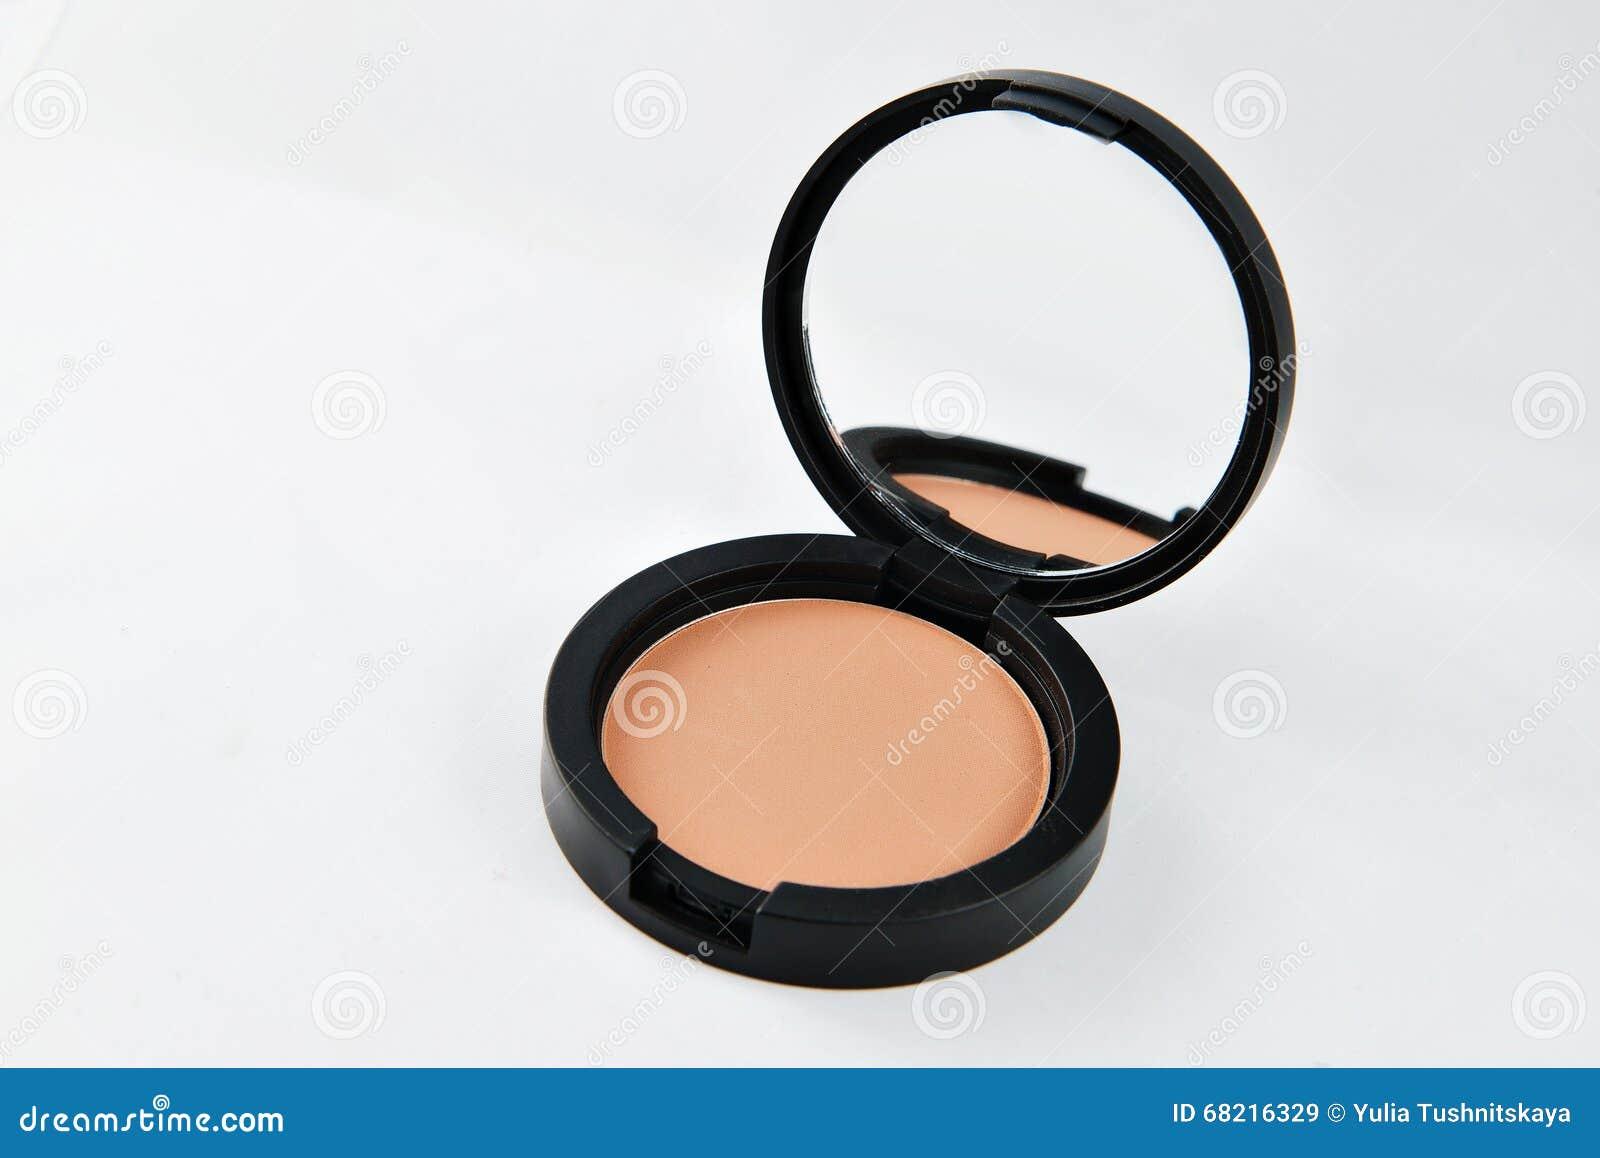 Zwarte Ronde Spiegel : Compact poeder voor het gezicht in een zwarte ronde doos met